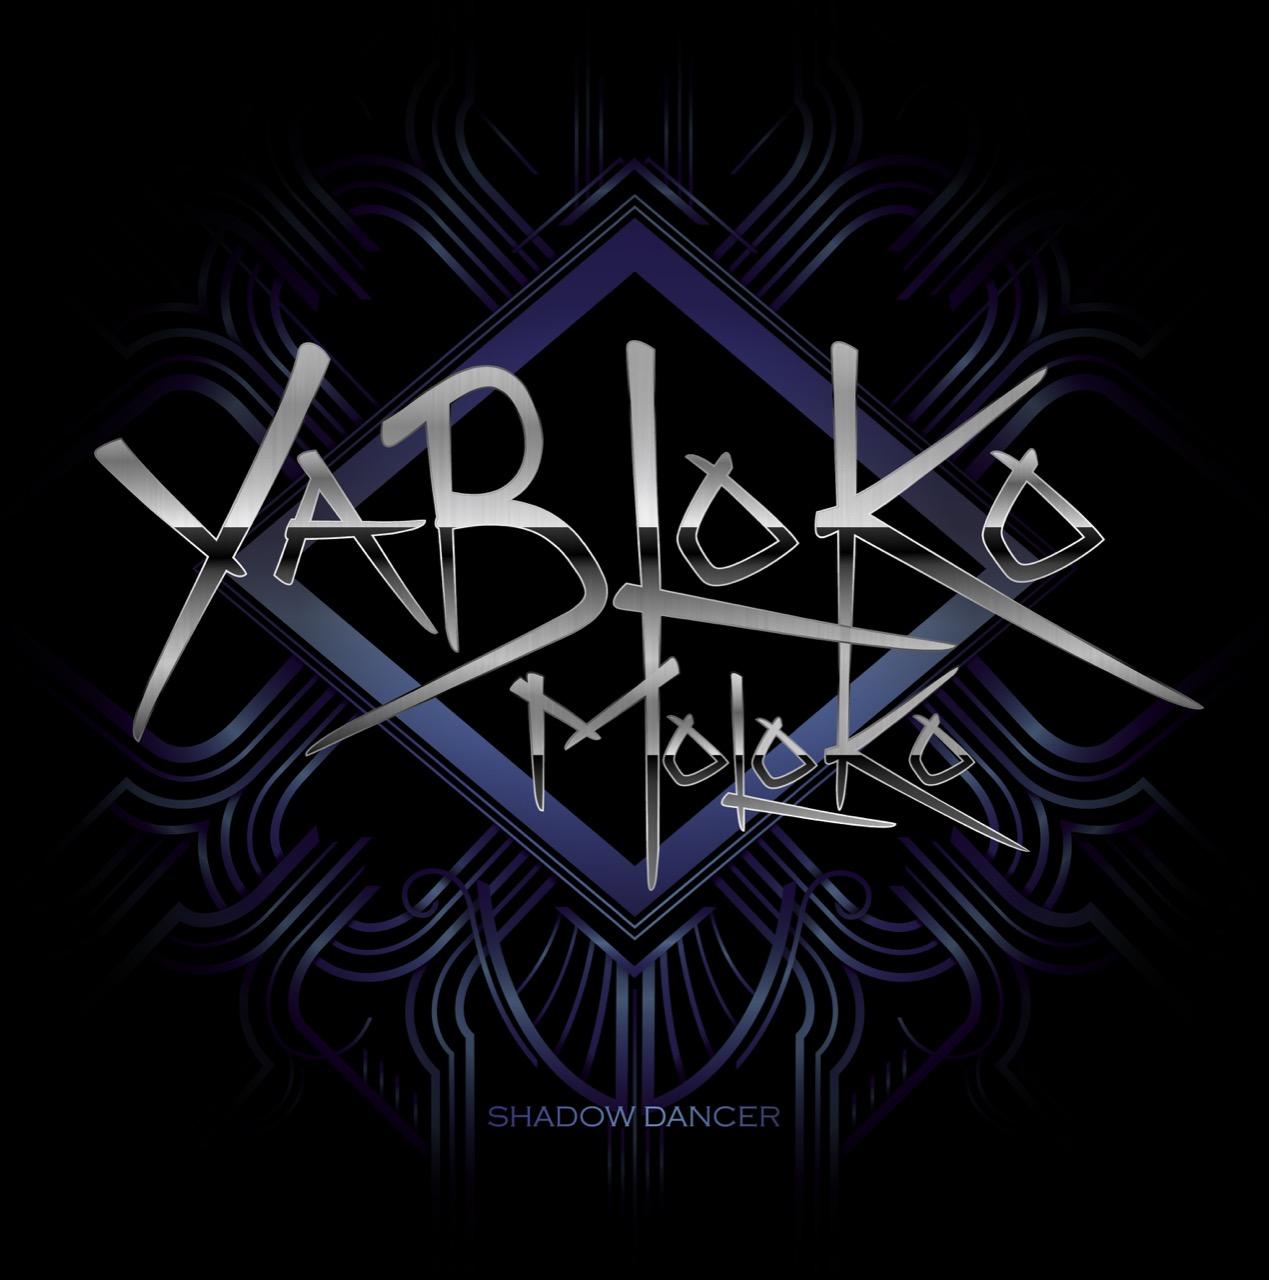 Shadow Dancer is the new electro swing release of Yabloko Moloko.